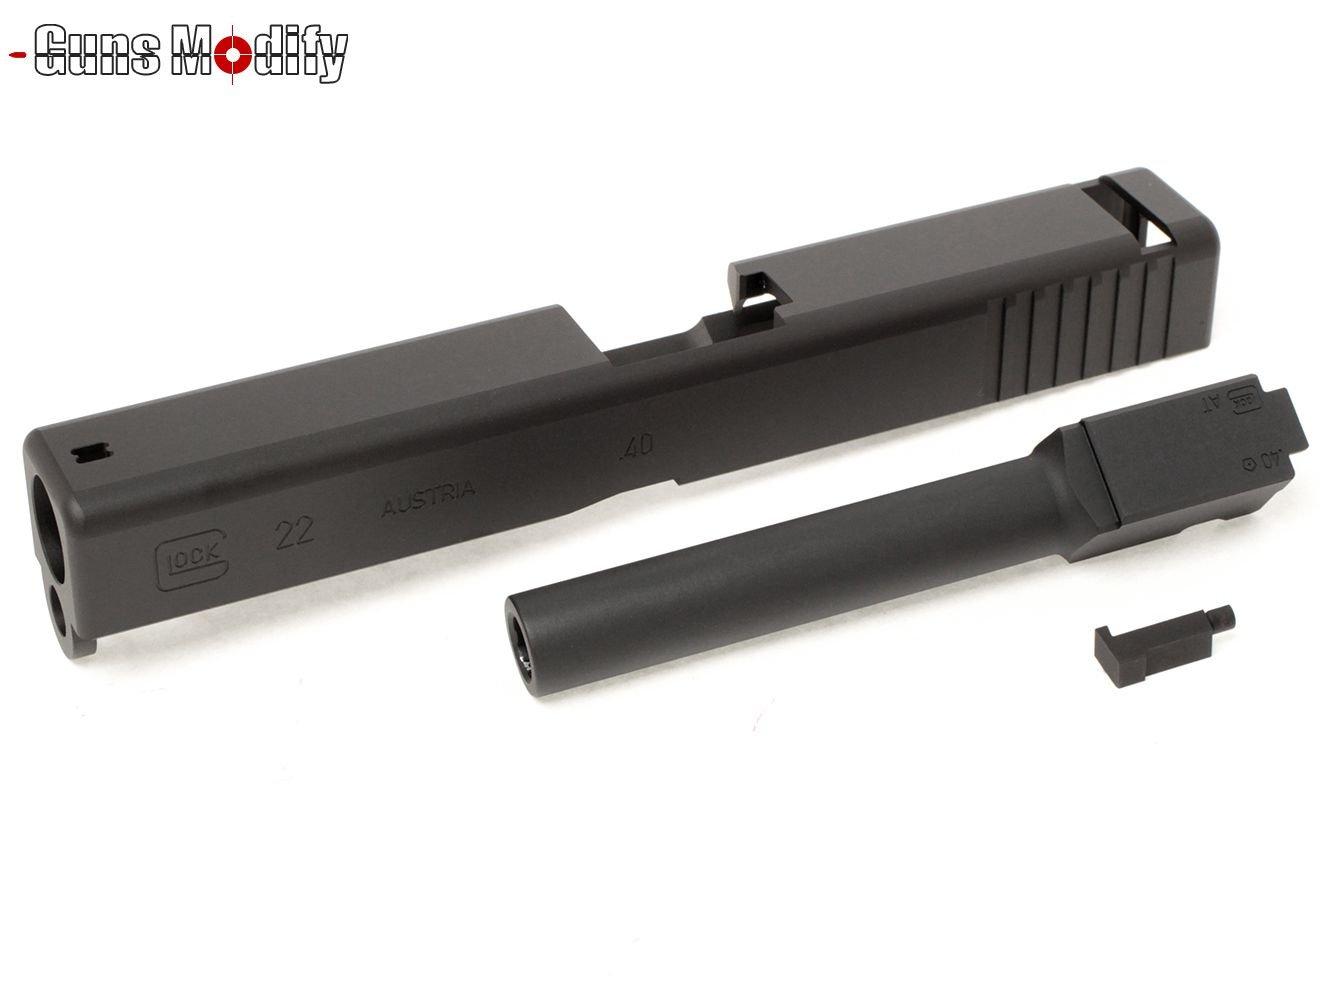 Guns Modify G22 CNC アルミスライド&アウターバレルセット 2016Ver B076VHJZRH